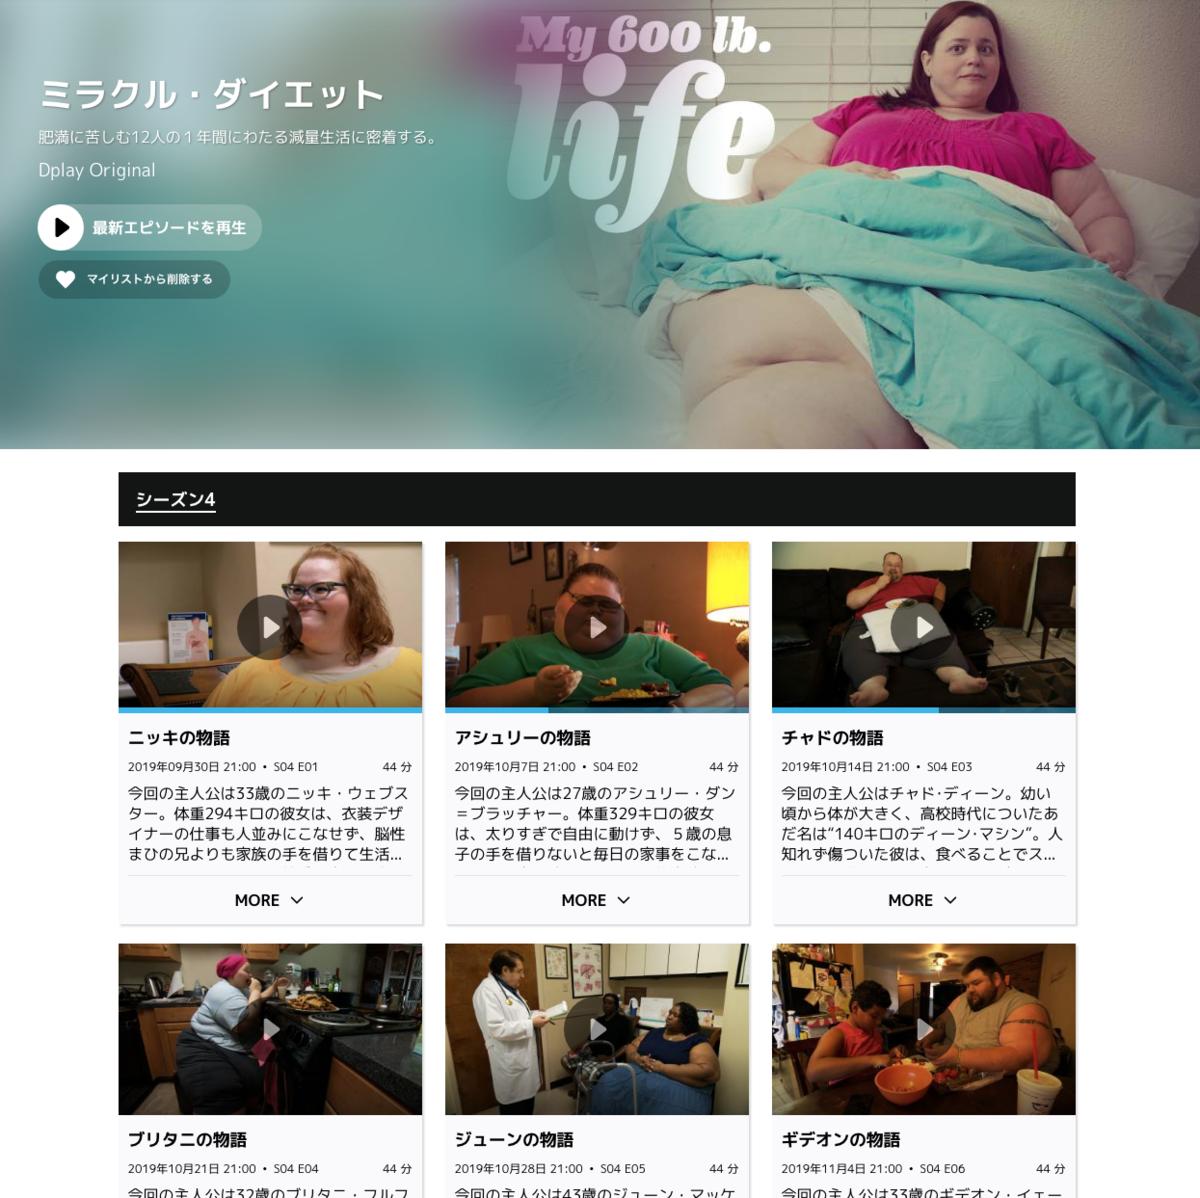 f:id:k_ushiyama:20201219080043p:plain